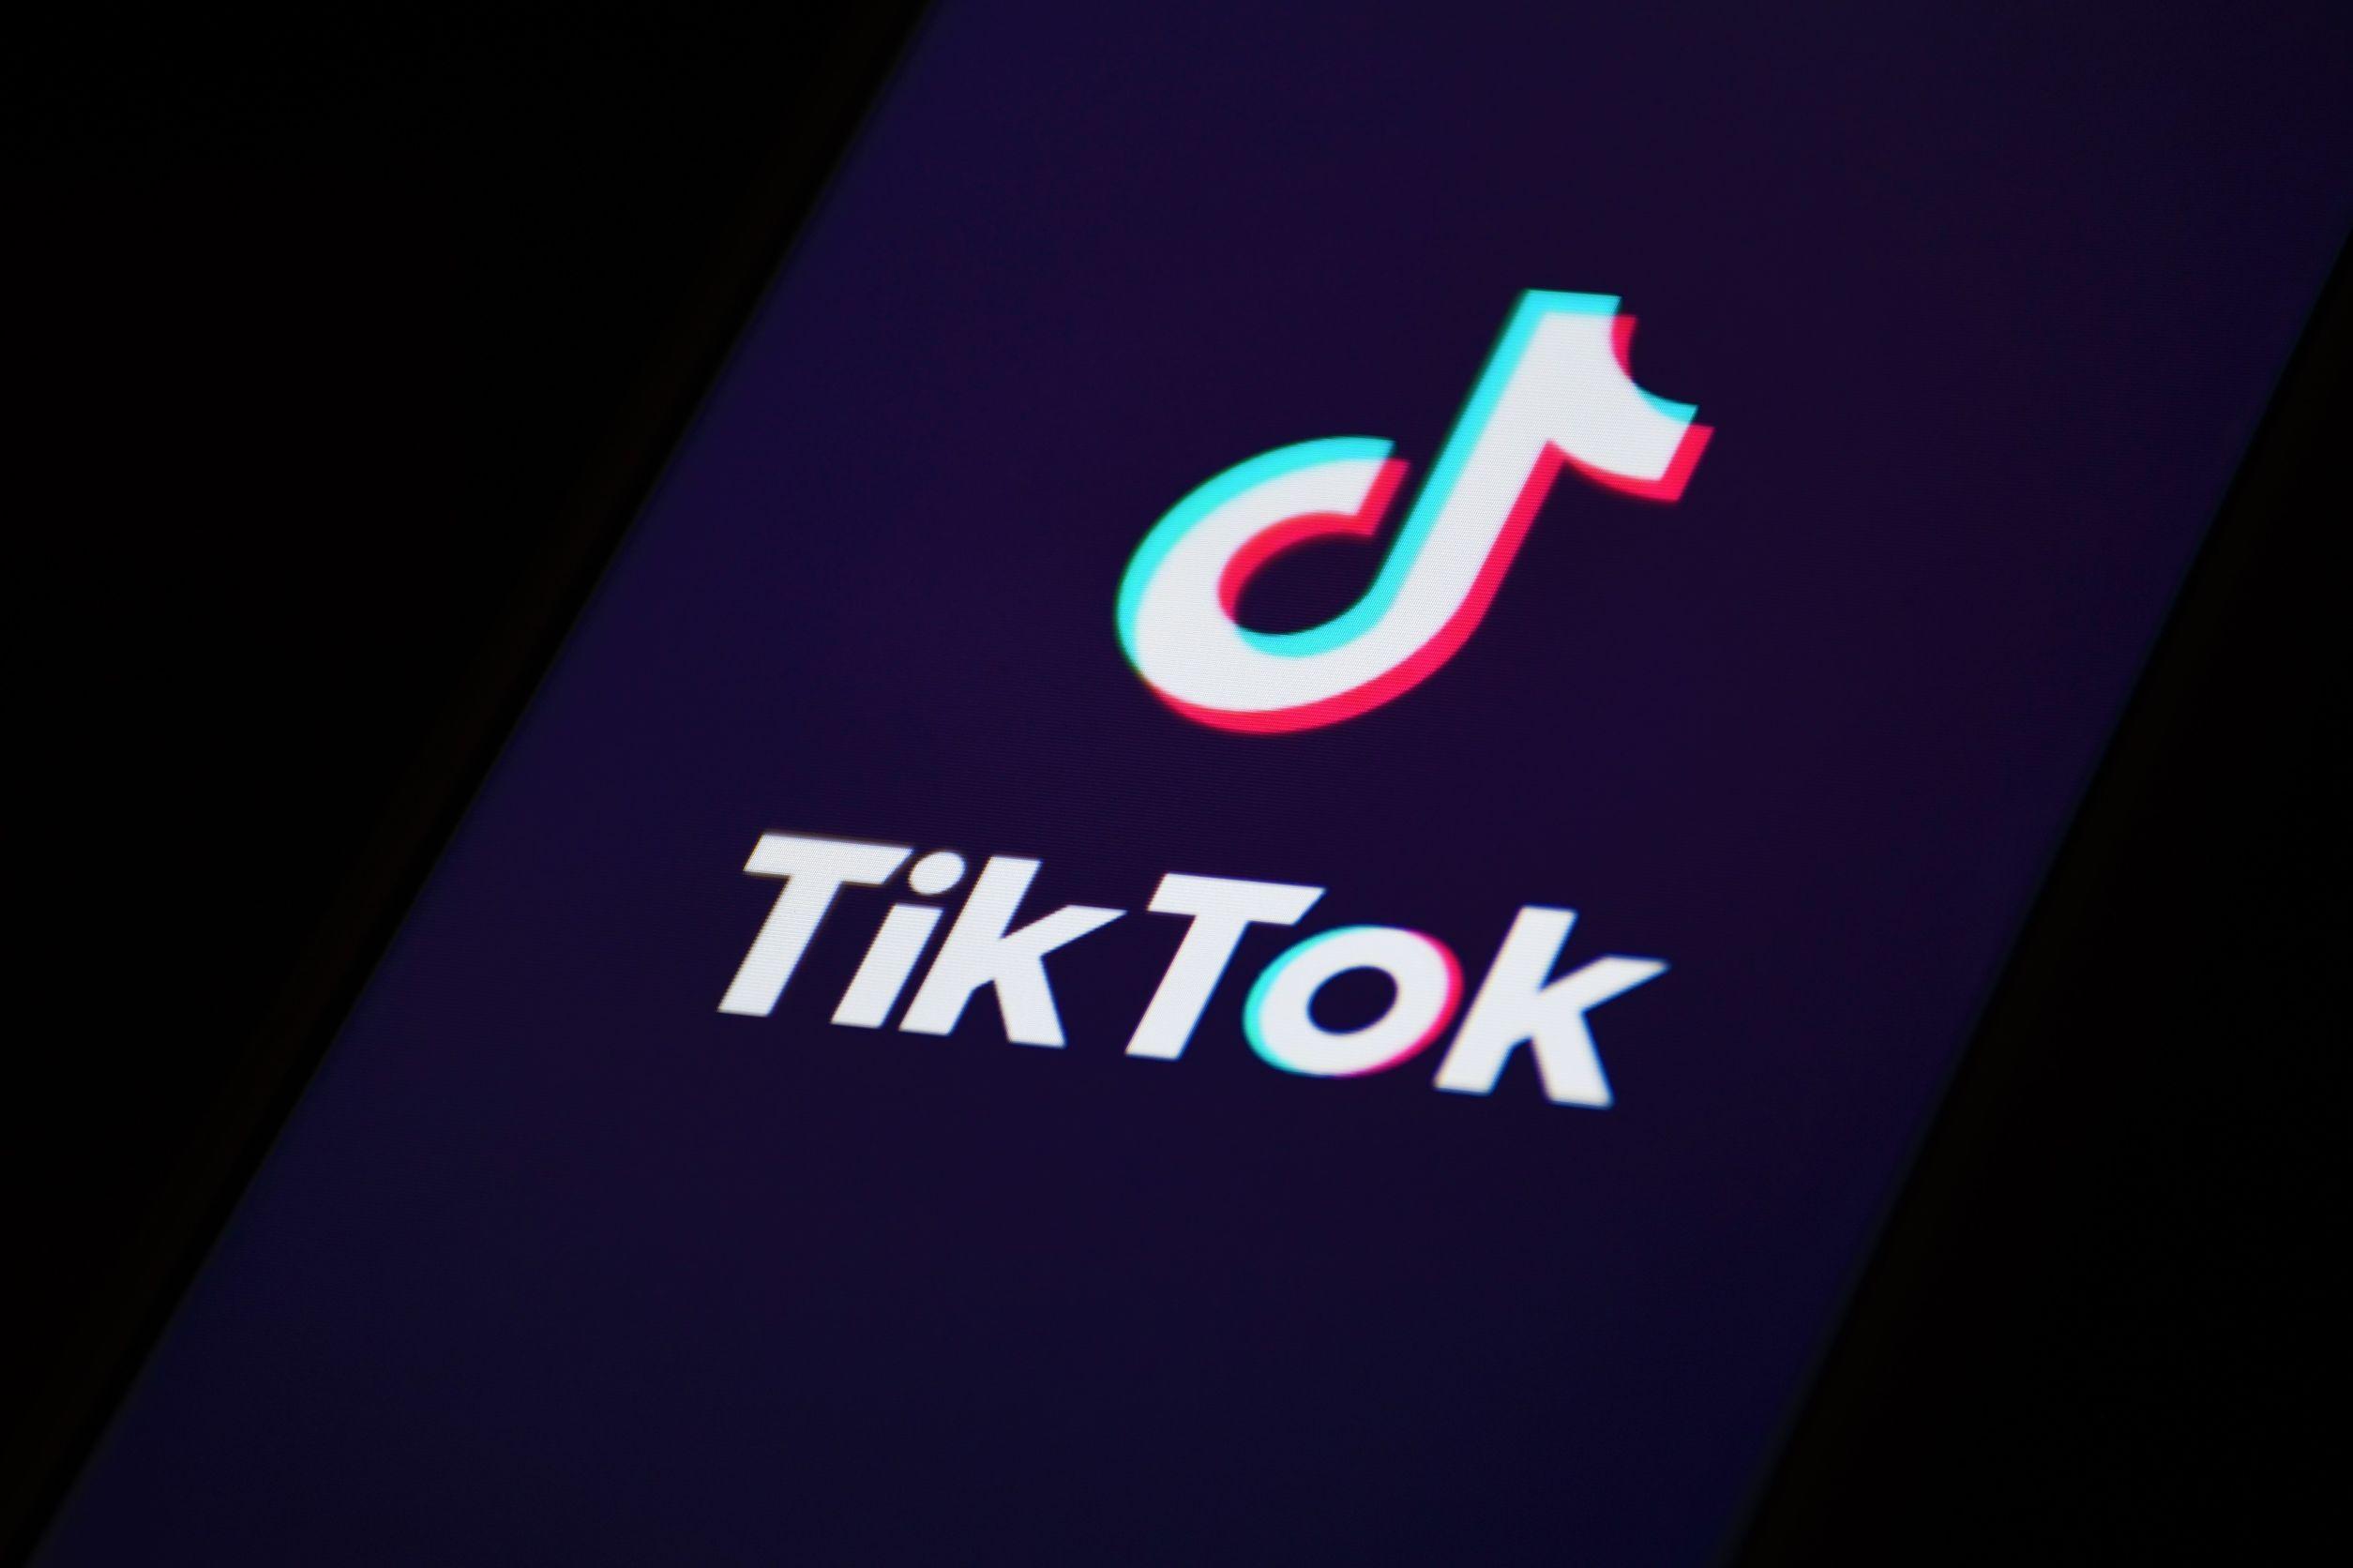 A Guide To TikTok For Parents